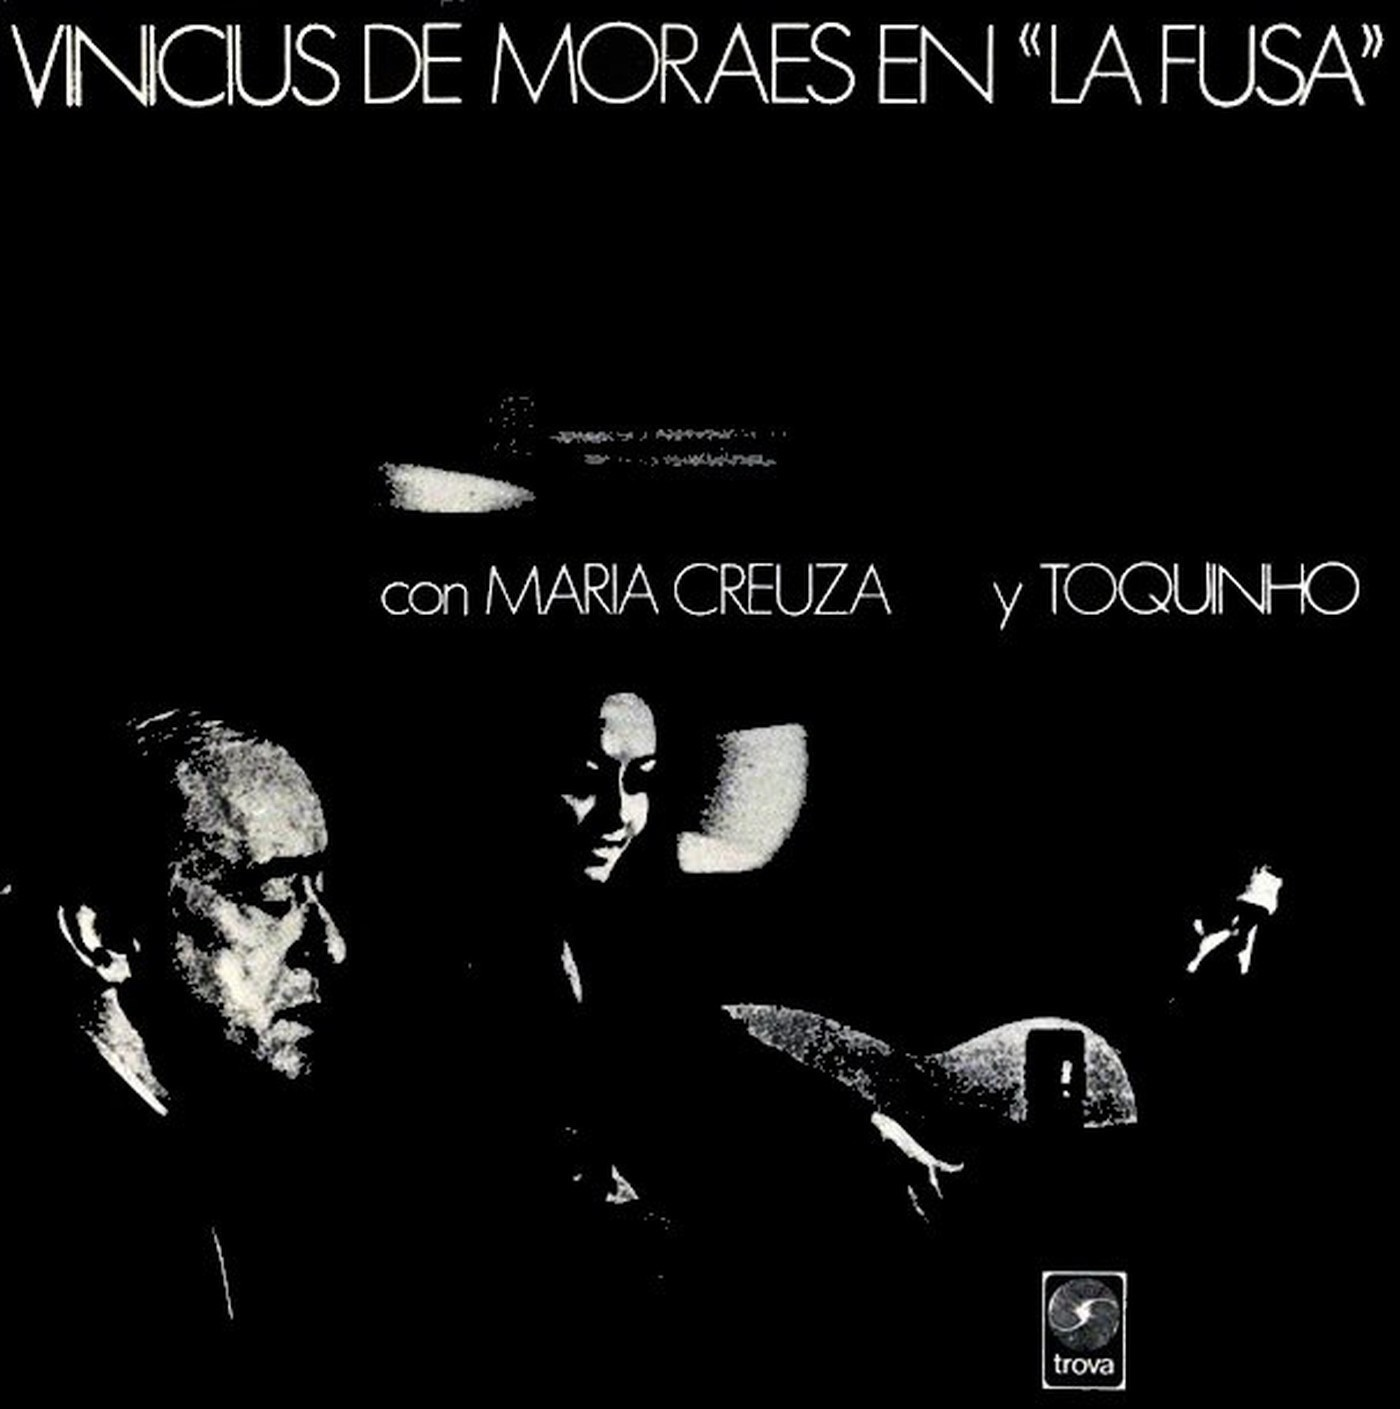 """Resultado de imagem para Vinicius de Moraes en """"La Fusa"""" con Maria Creuza y Toquinho (1970)"""